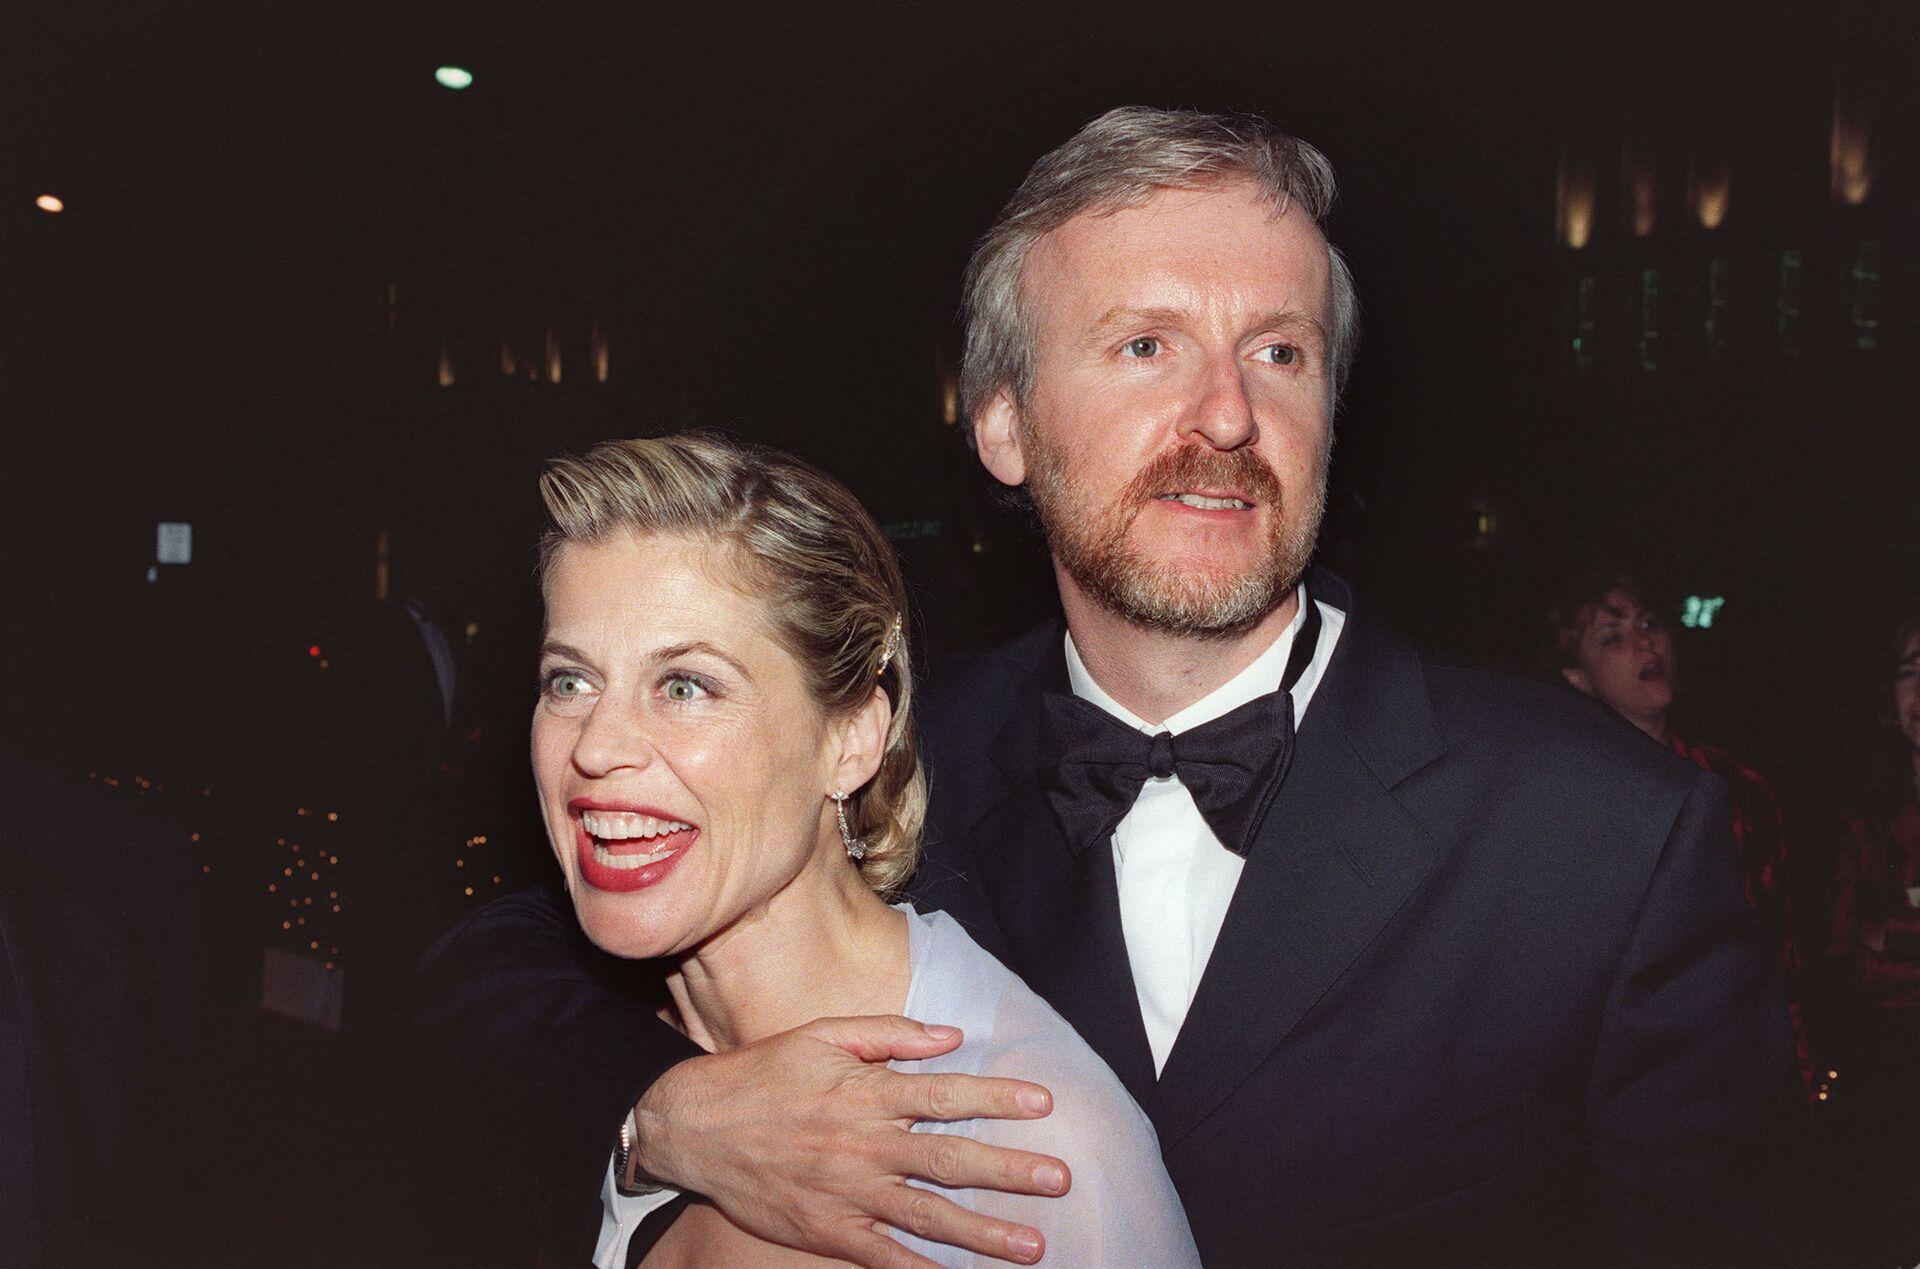 Режиссер Джеймс Кэмерон (слева) и его жена, актриса Линда Хэмилтон на Губернаторском балу после 70-й ежегодной премии Оскар, 23 марта 1998 года в Лос-Анджелесе - Sputnik Азербайджан, 1920, 01.10.2021